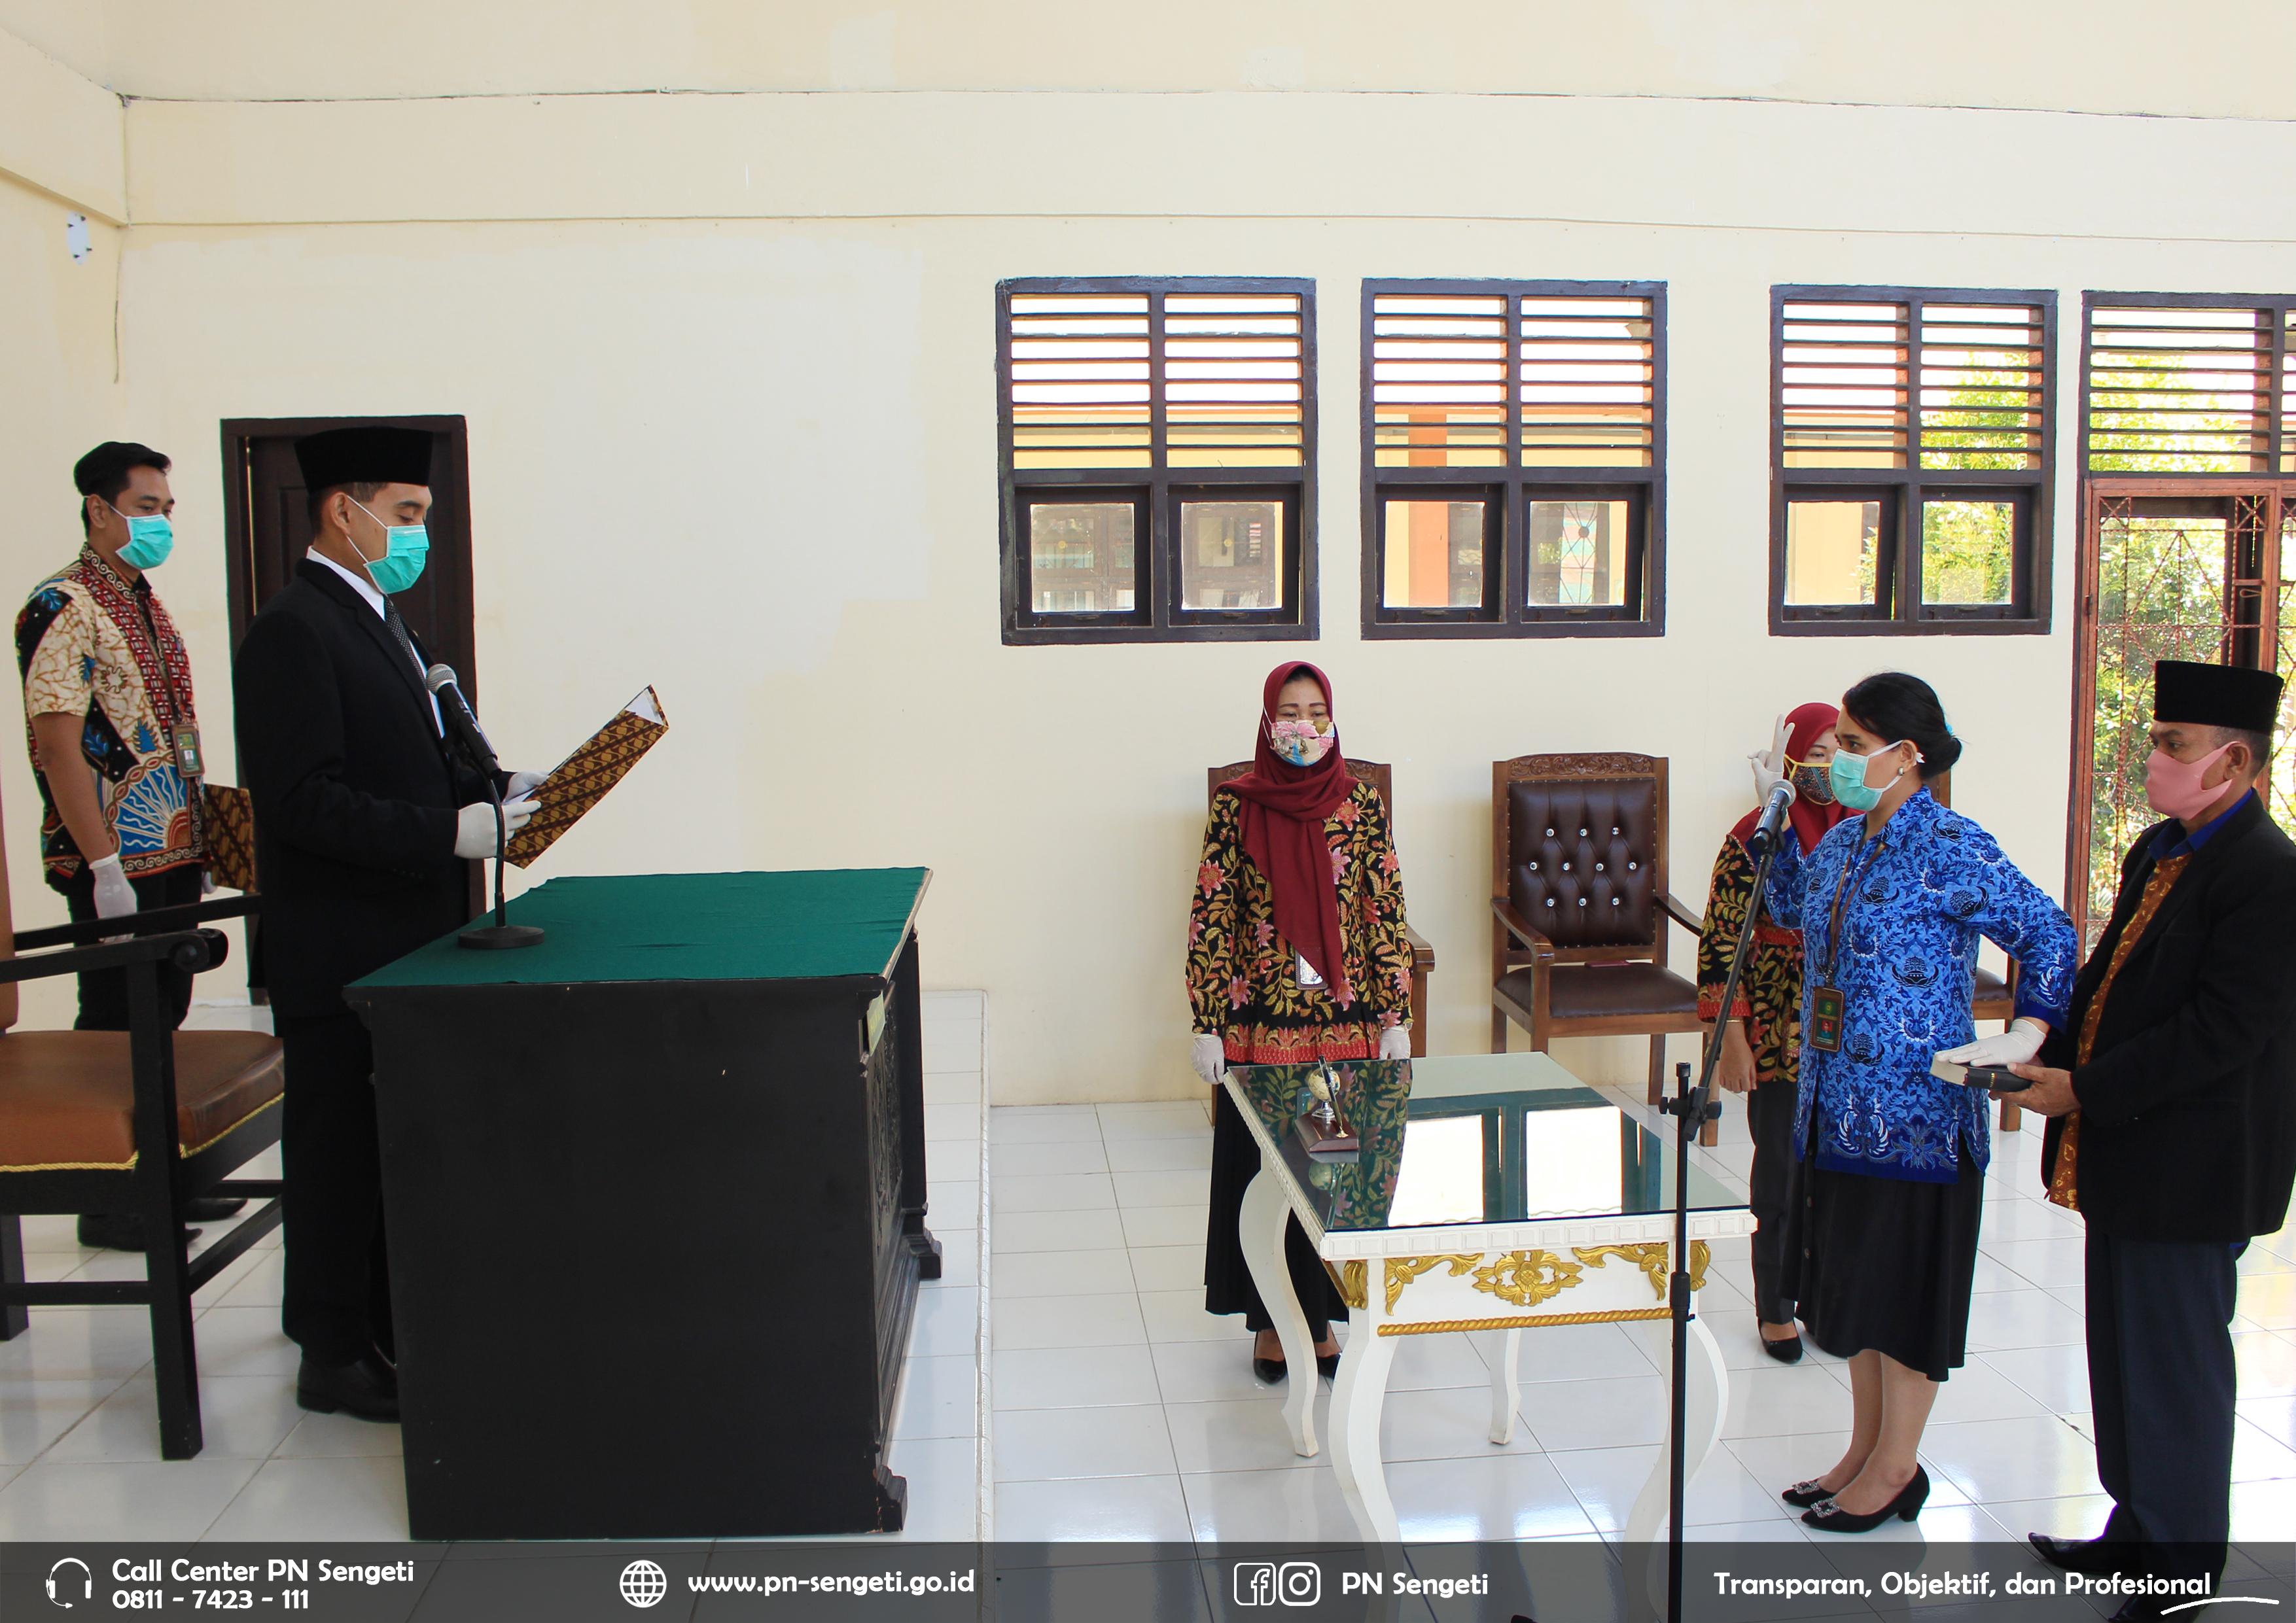 Ketua Pengadilan Negeri Sengeti Kelas II melantik dan mengambil sumpah Pegawai Negeri Sipil PN Sengeti